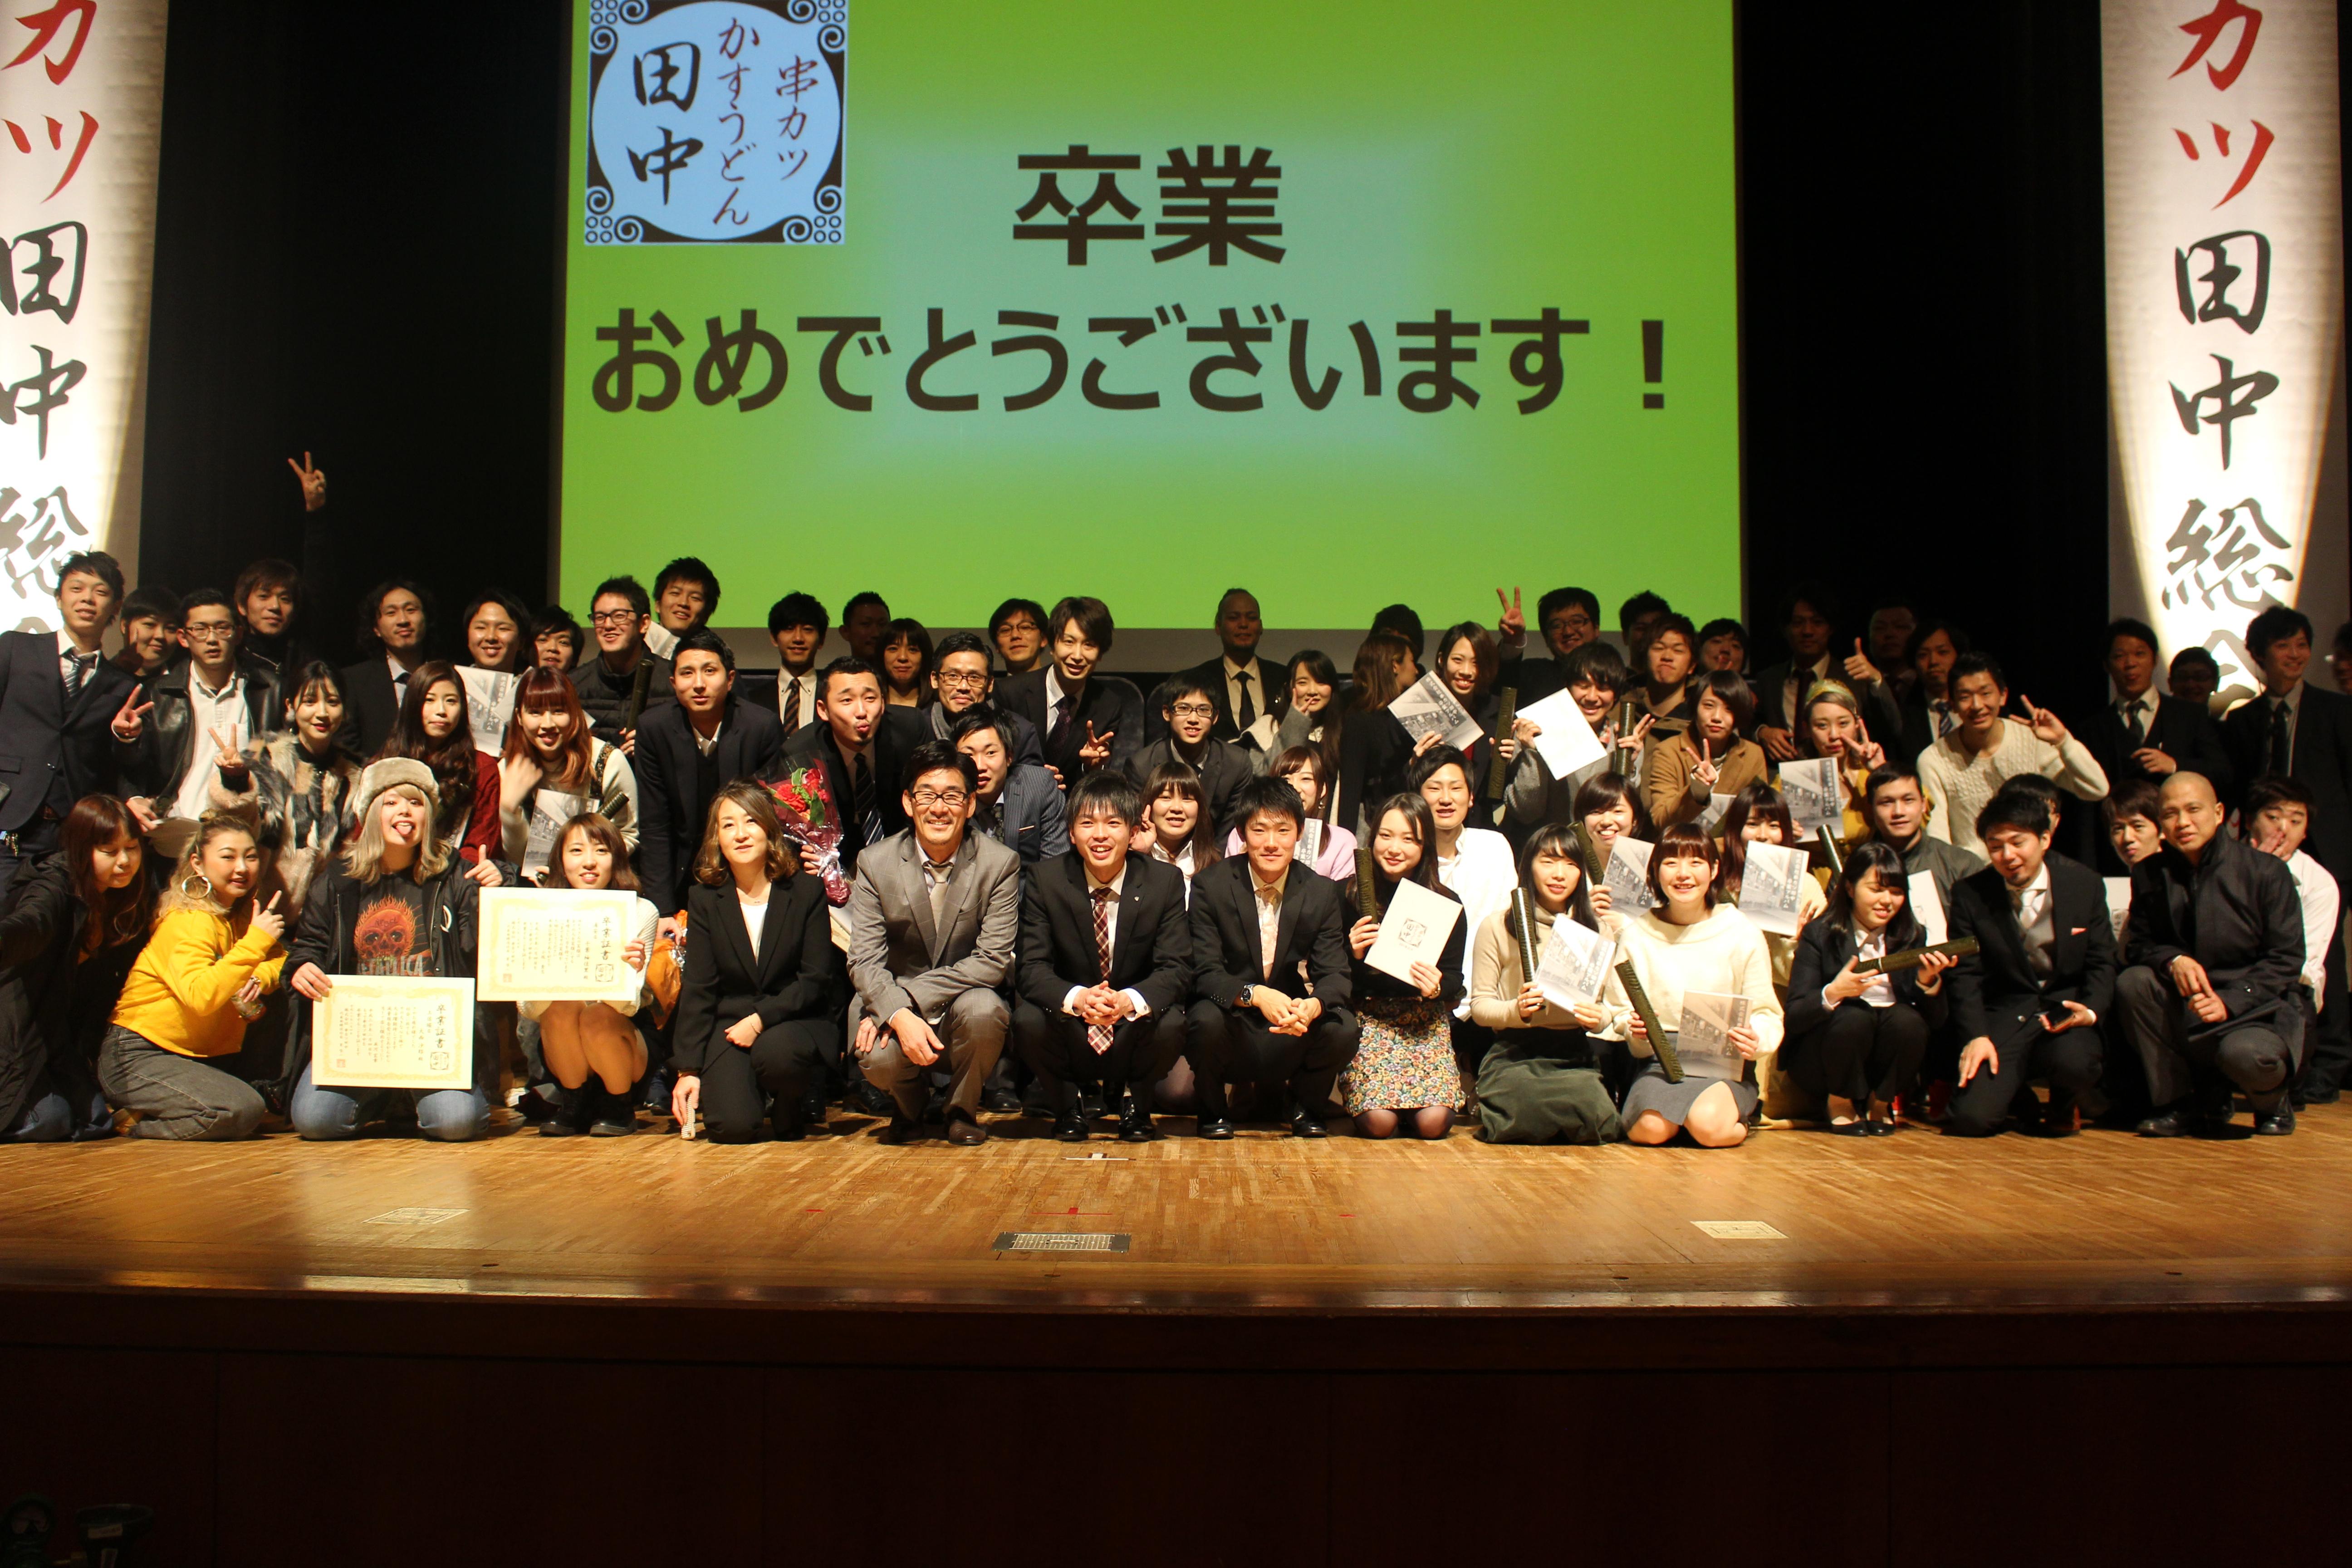 2月4日(日)に串カツ田中の卒業式を行いました。